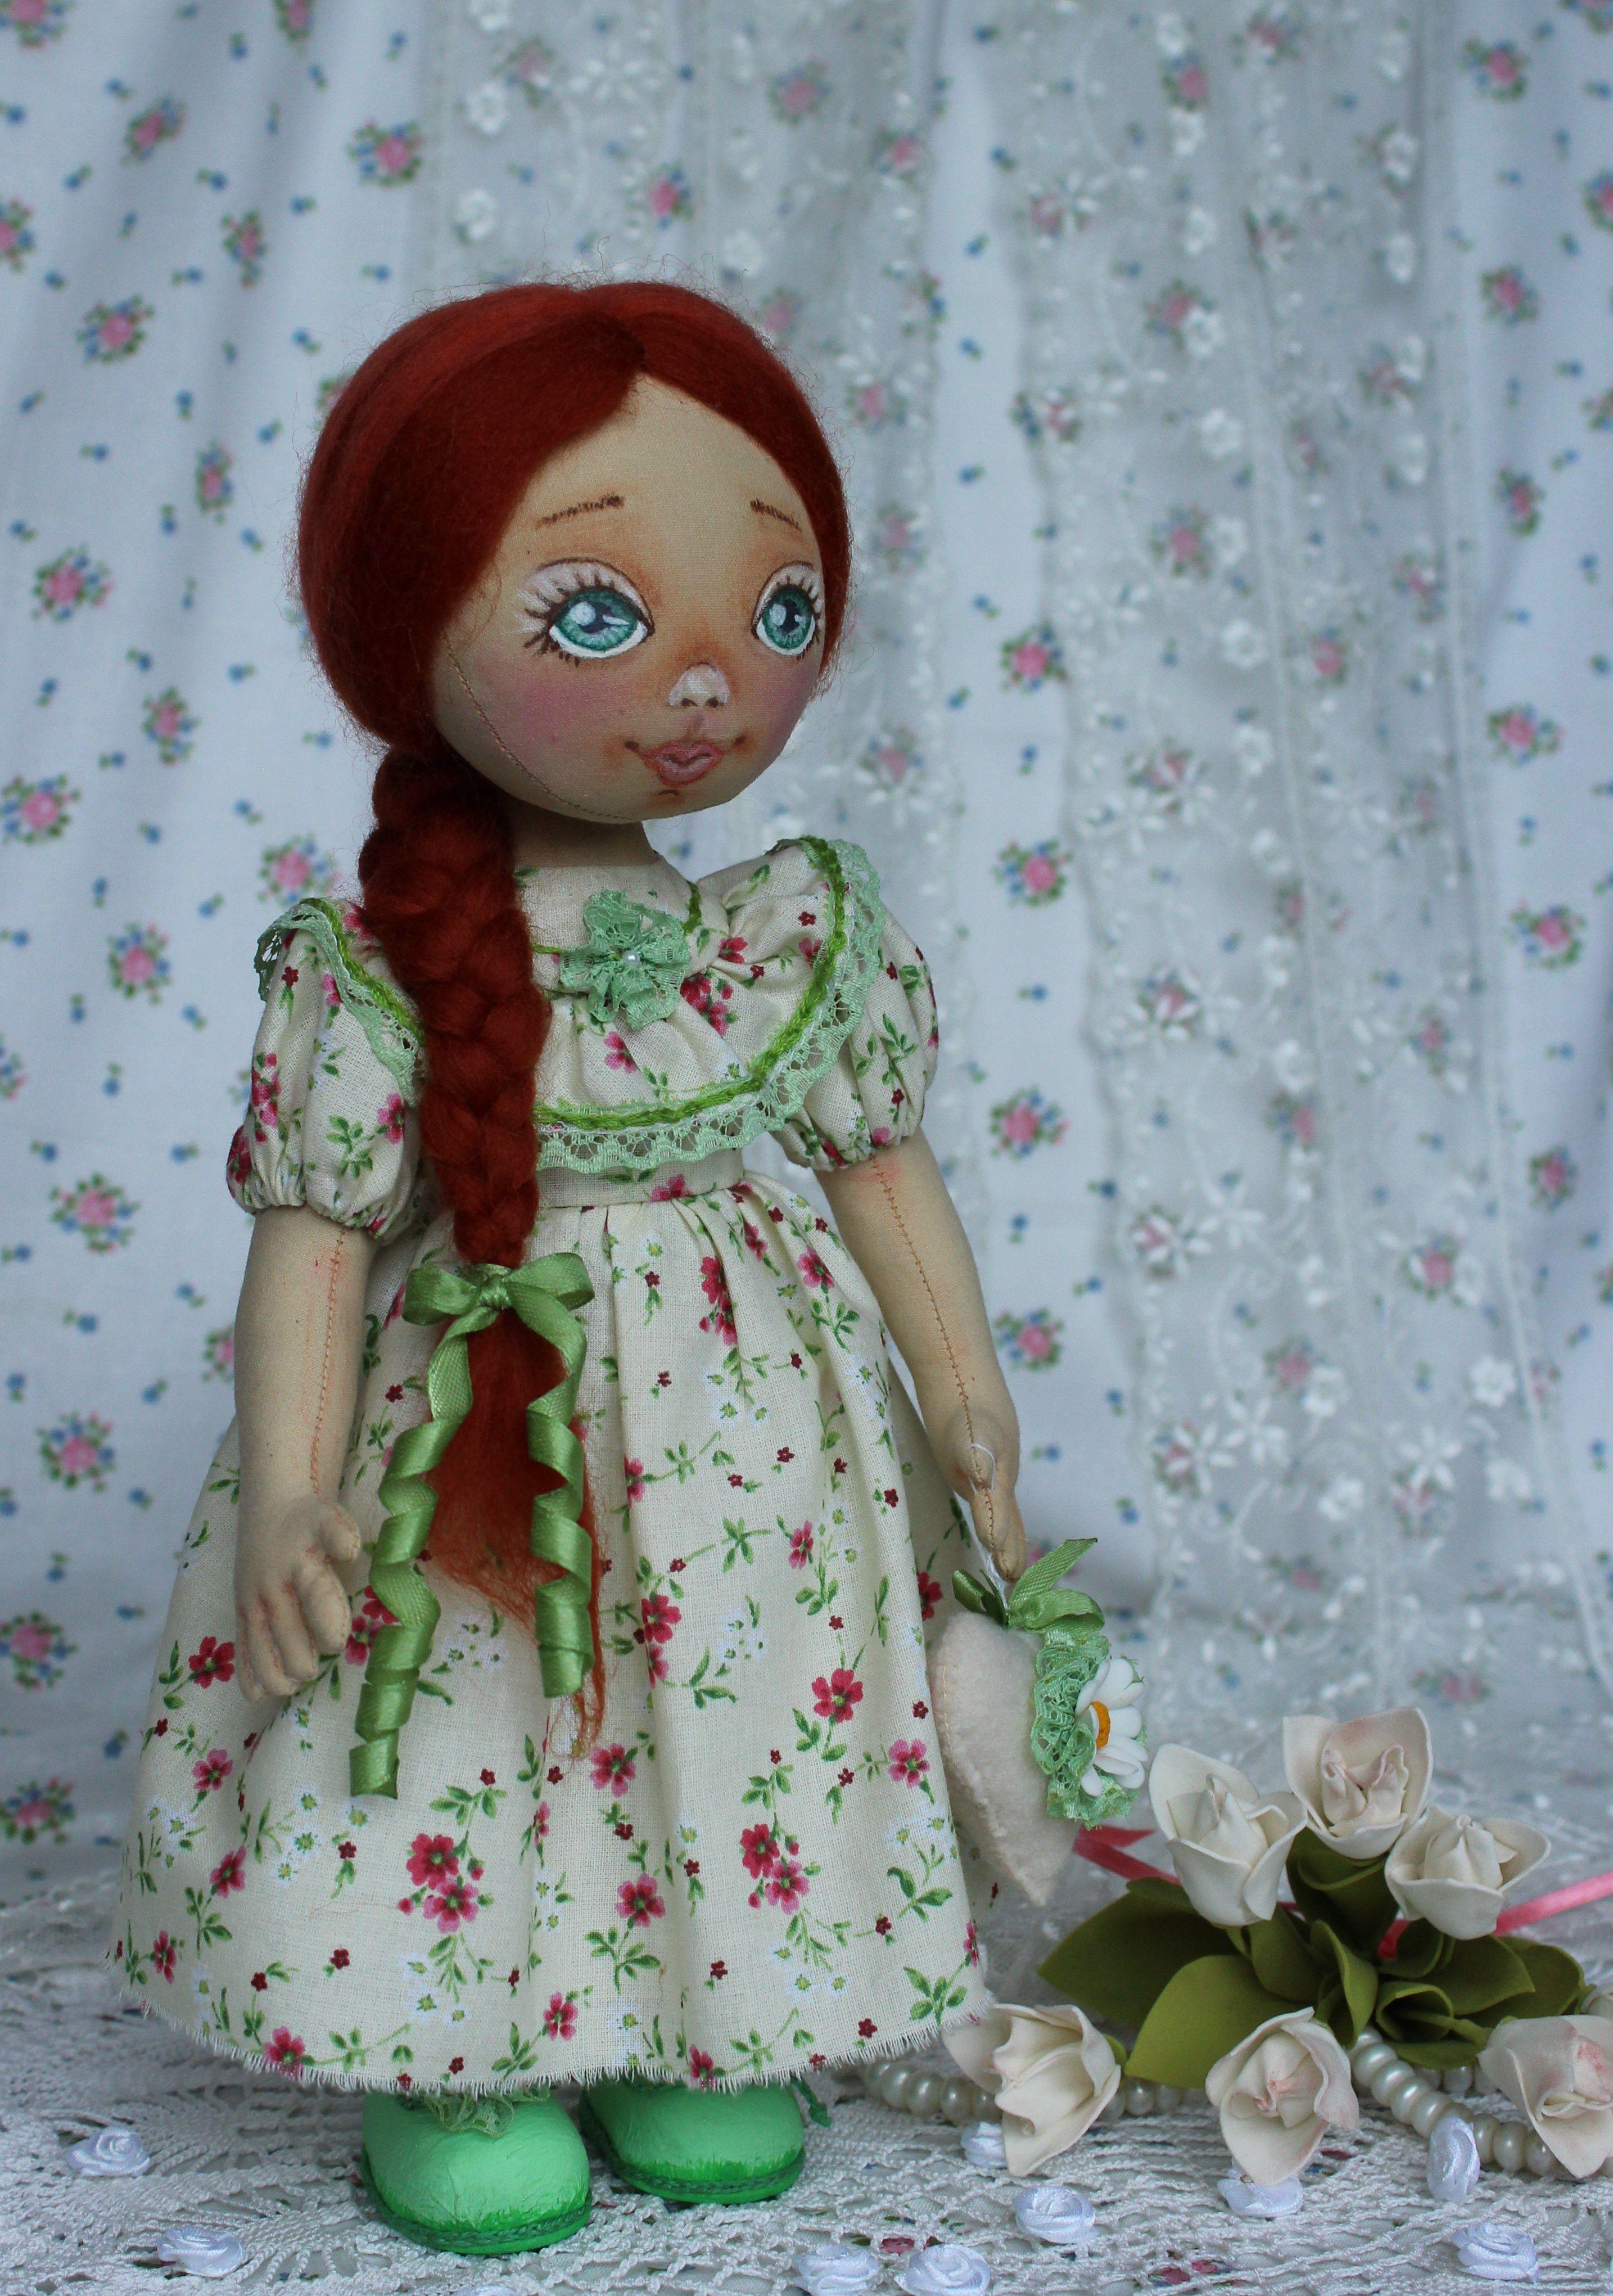 авторская подруге подарок кукла одежде случай коллекционная съемной рождения день девушке оригинальный текстильная любой